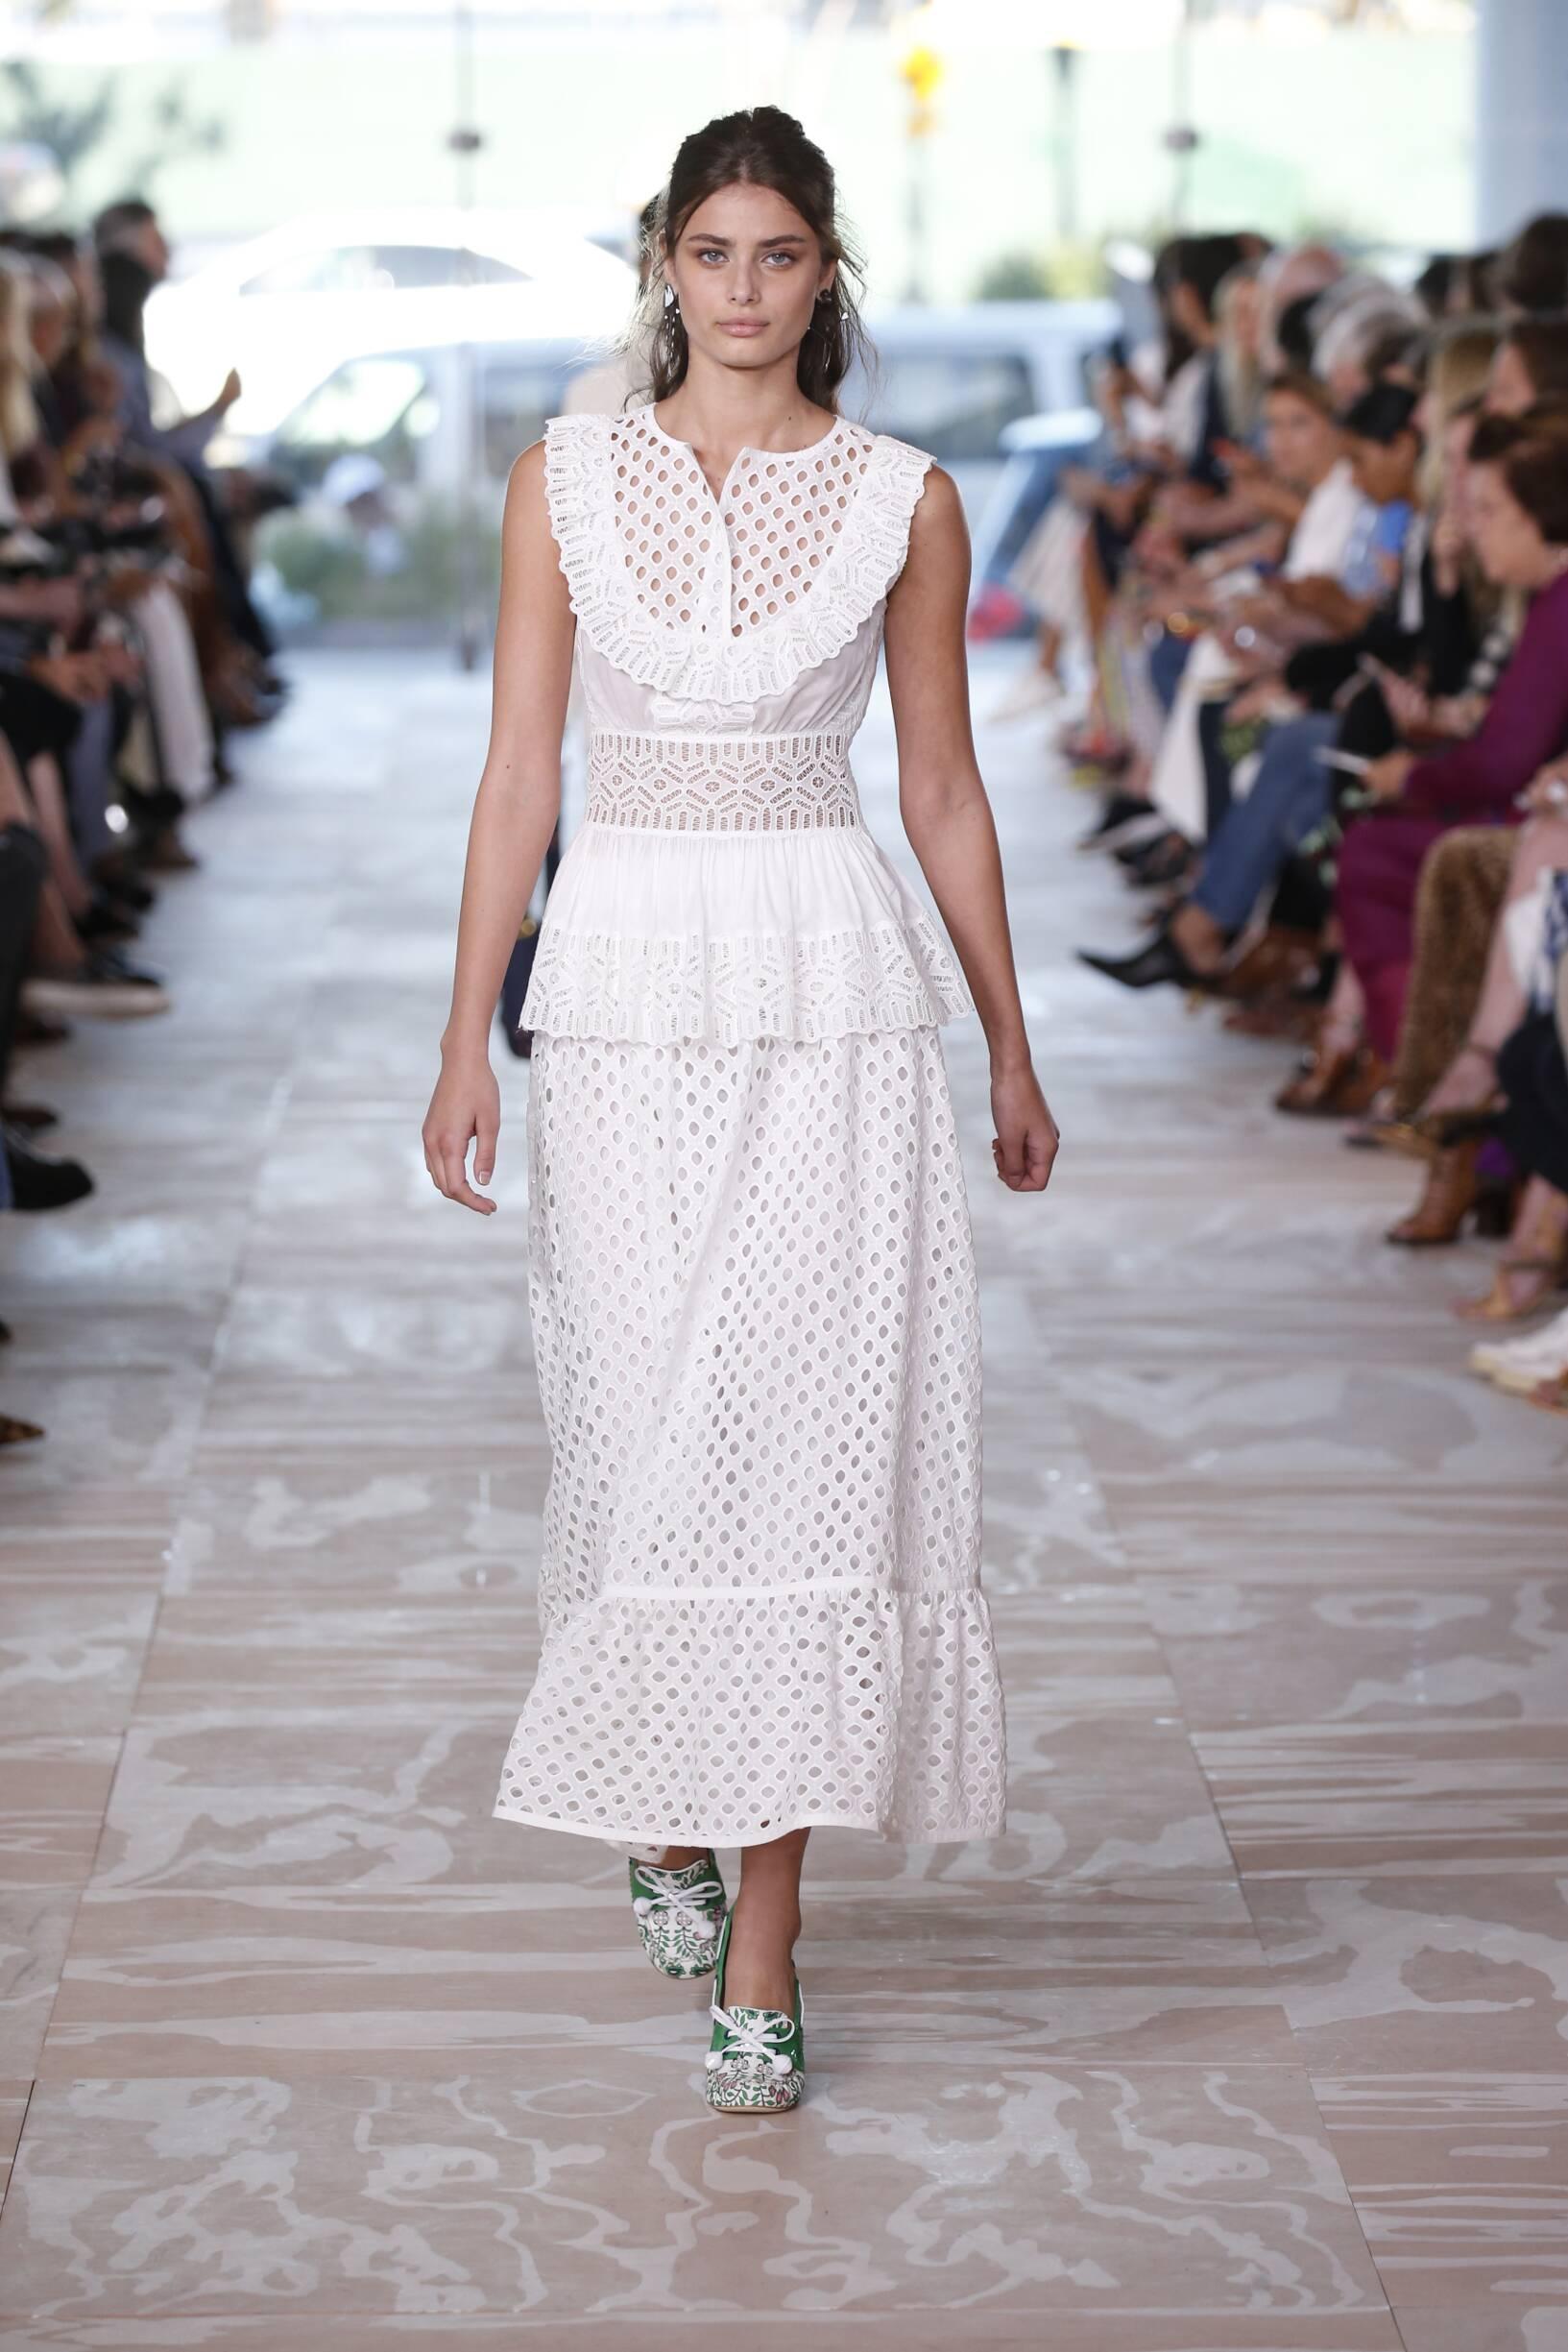 Model Fashion Show Tory Burch